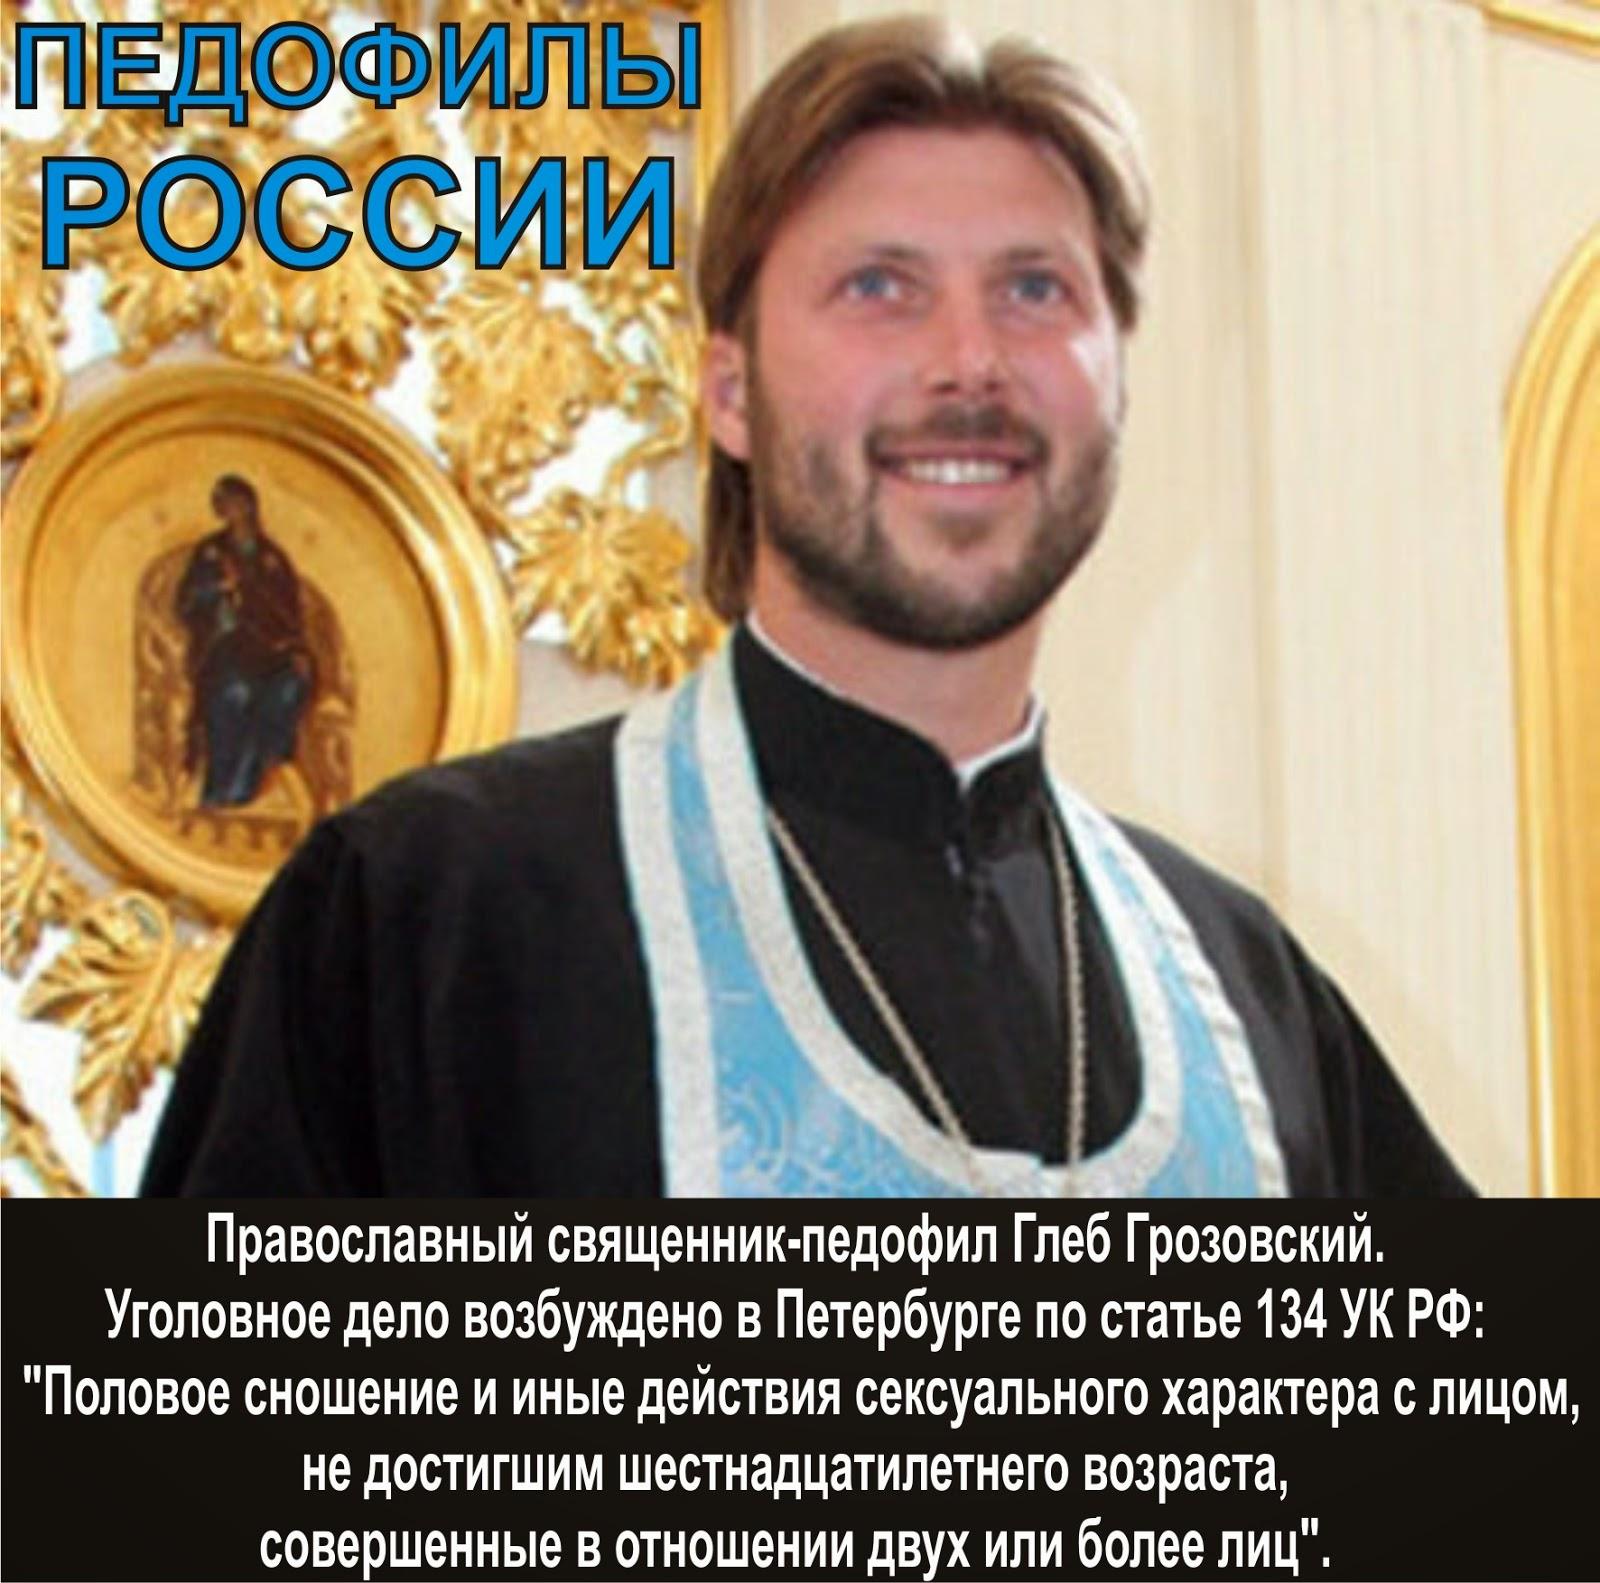 Путин позвал российских олигархов в Кремль на торжественный ужин - Цензор.НЕТ 387